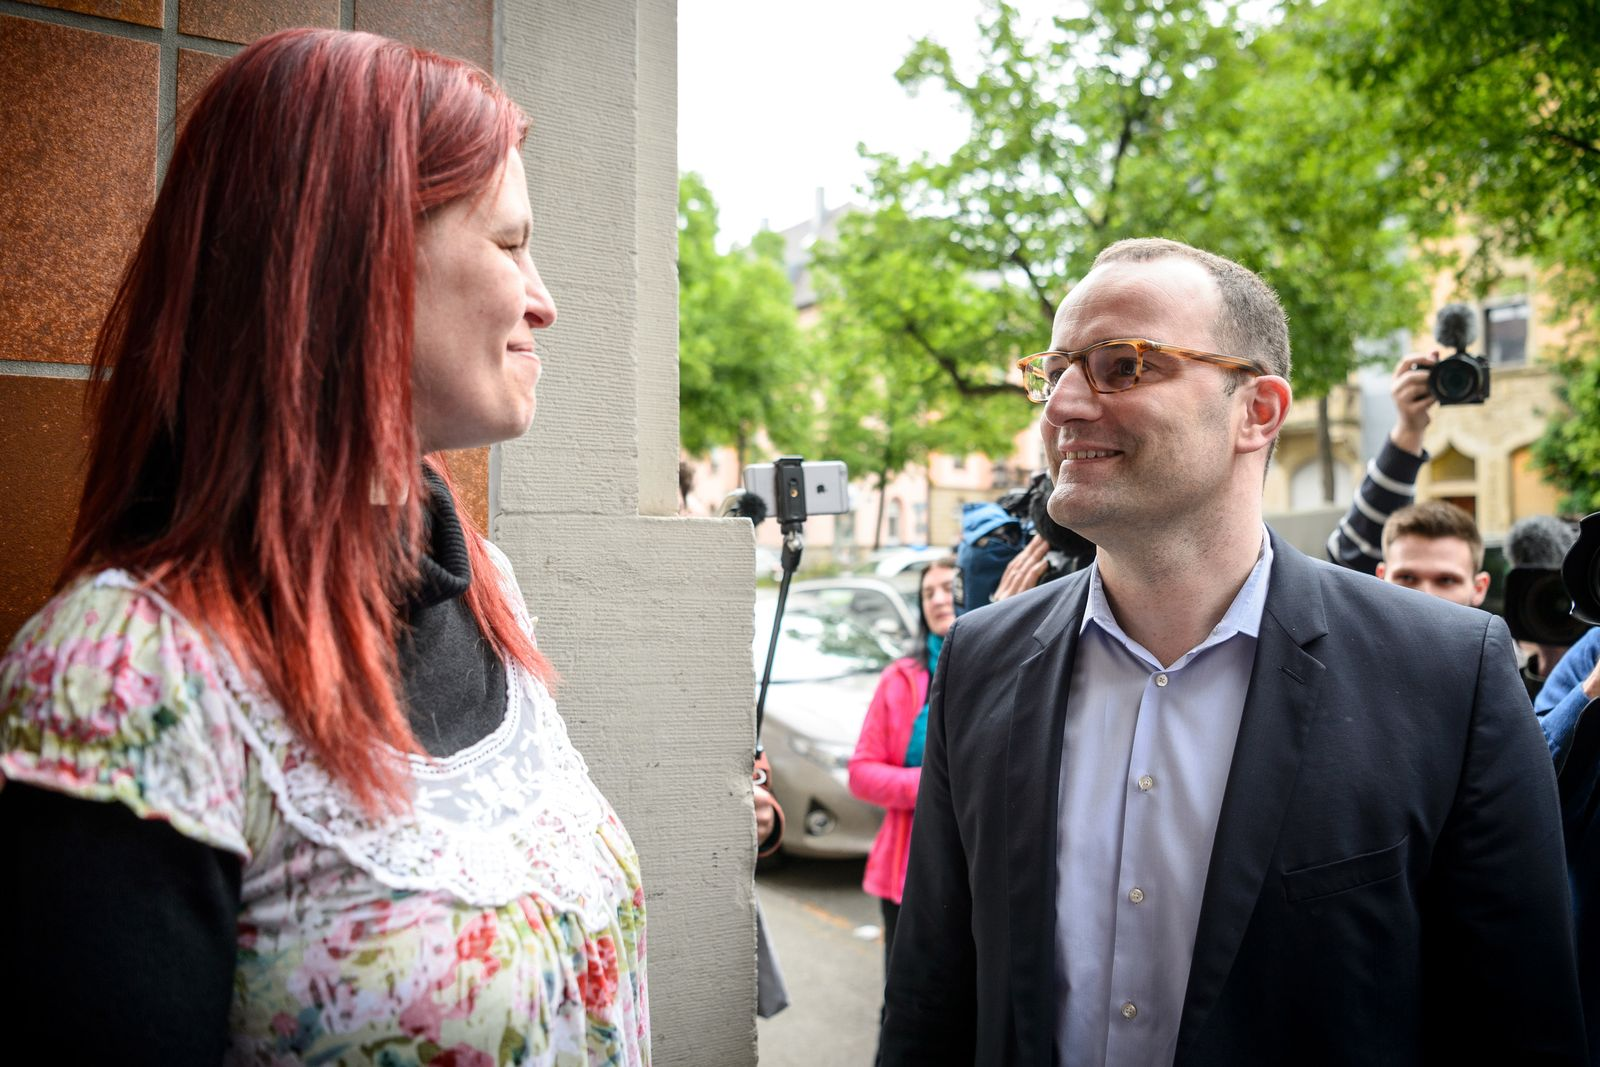 Jens Spahn trifft Hartz IV-Kritikerin Sandra Schlensog